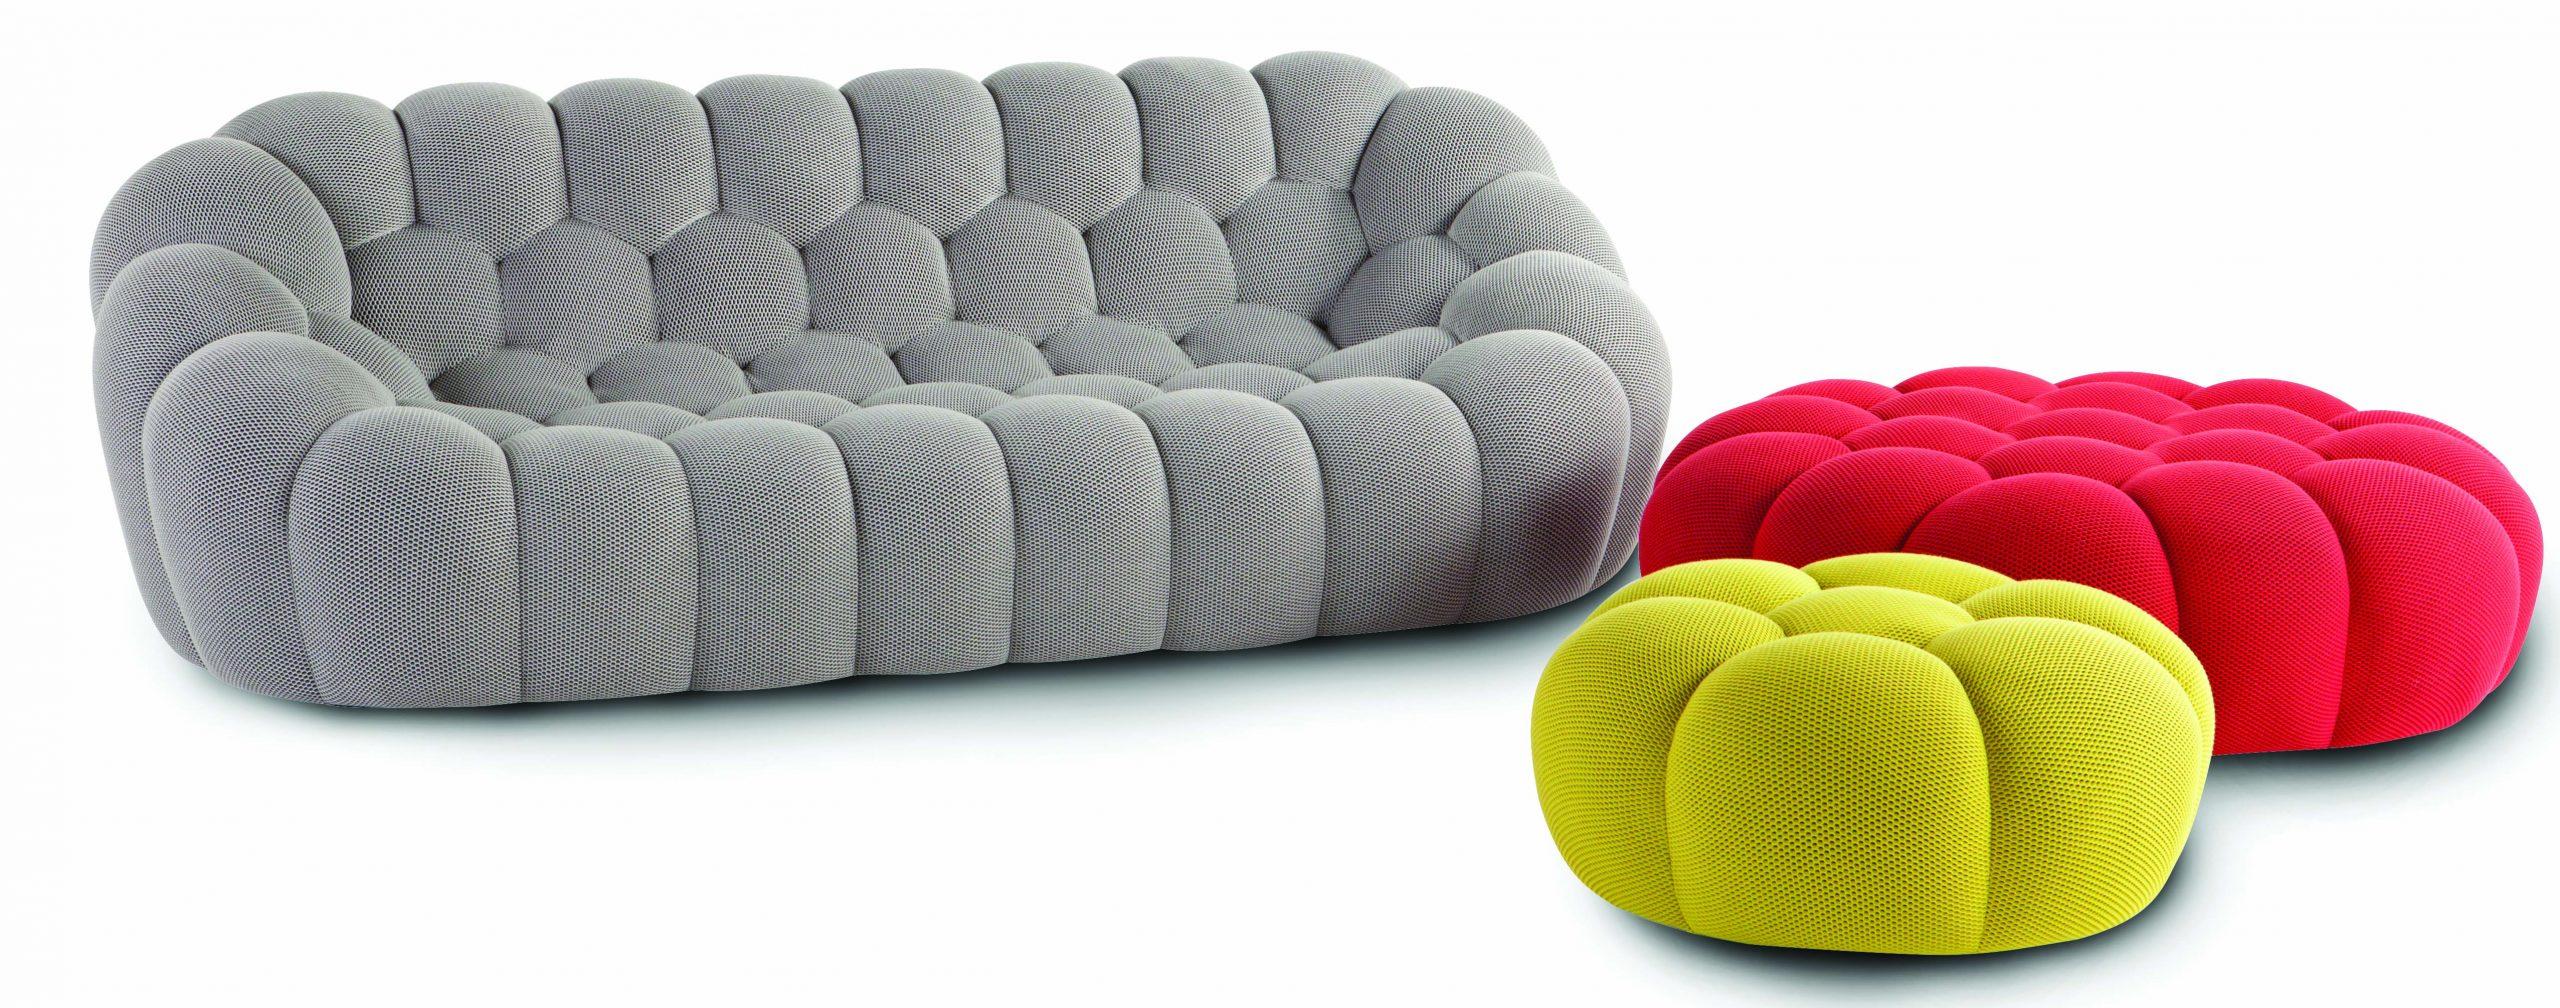 Roche Bobois | Bubble Collection, Designed By Sacha Lakic ... intérieur Pouf Roche Bobois Bubble